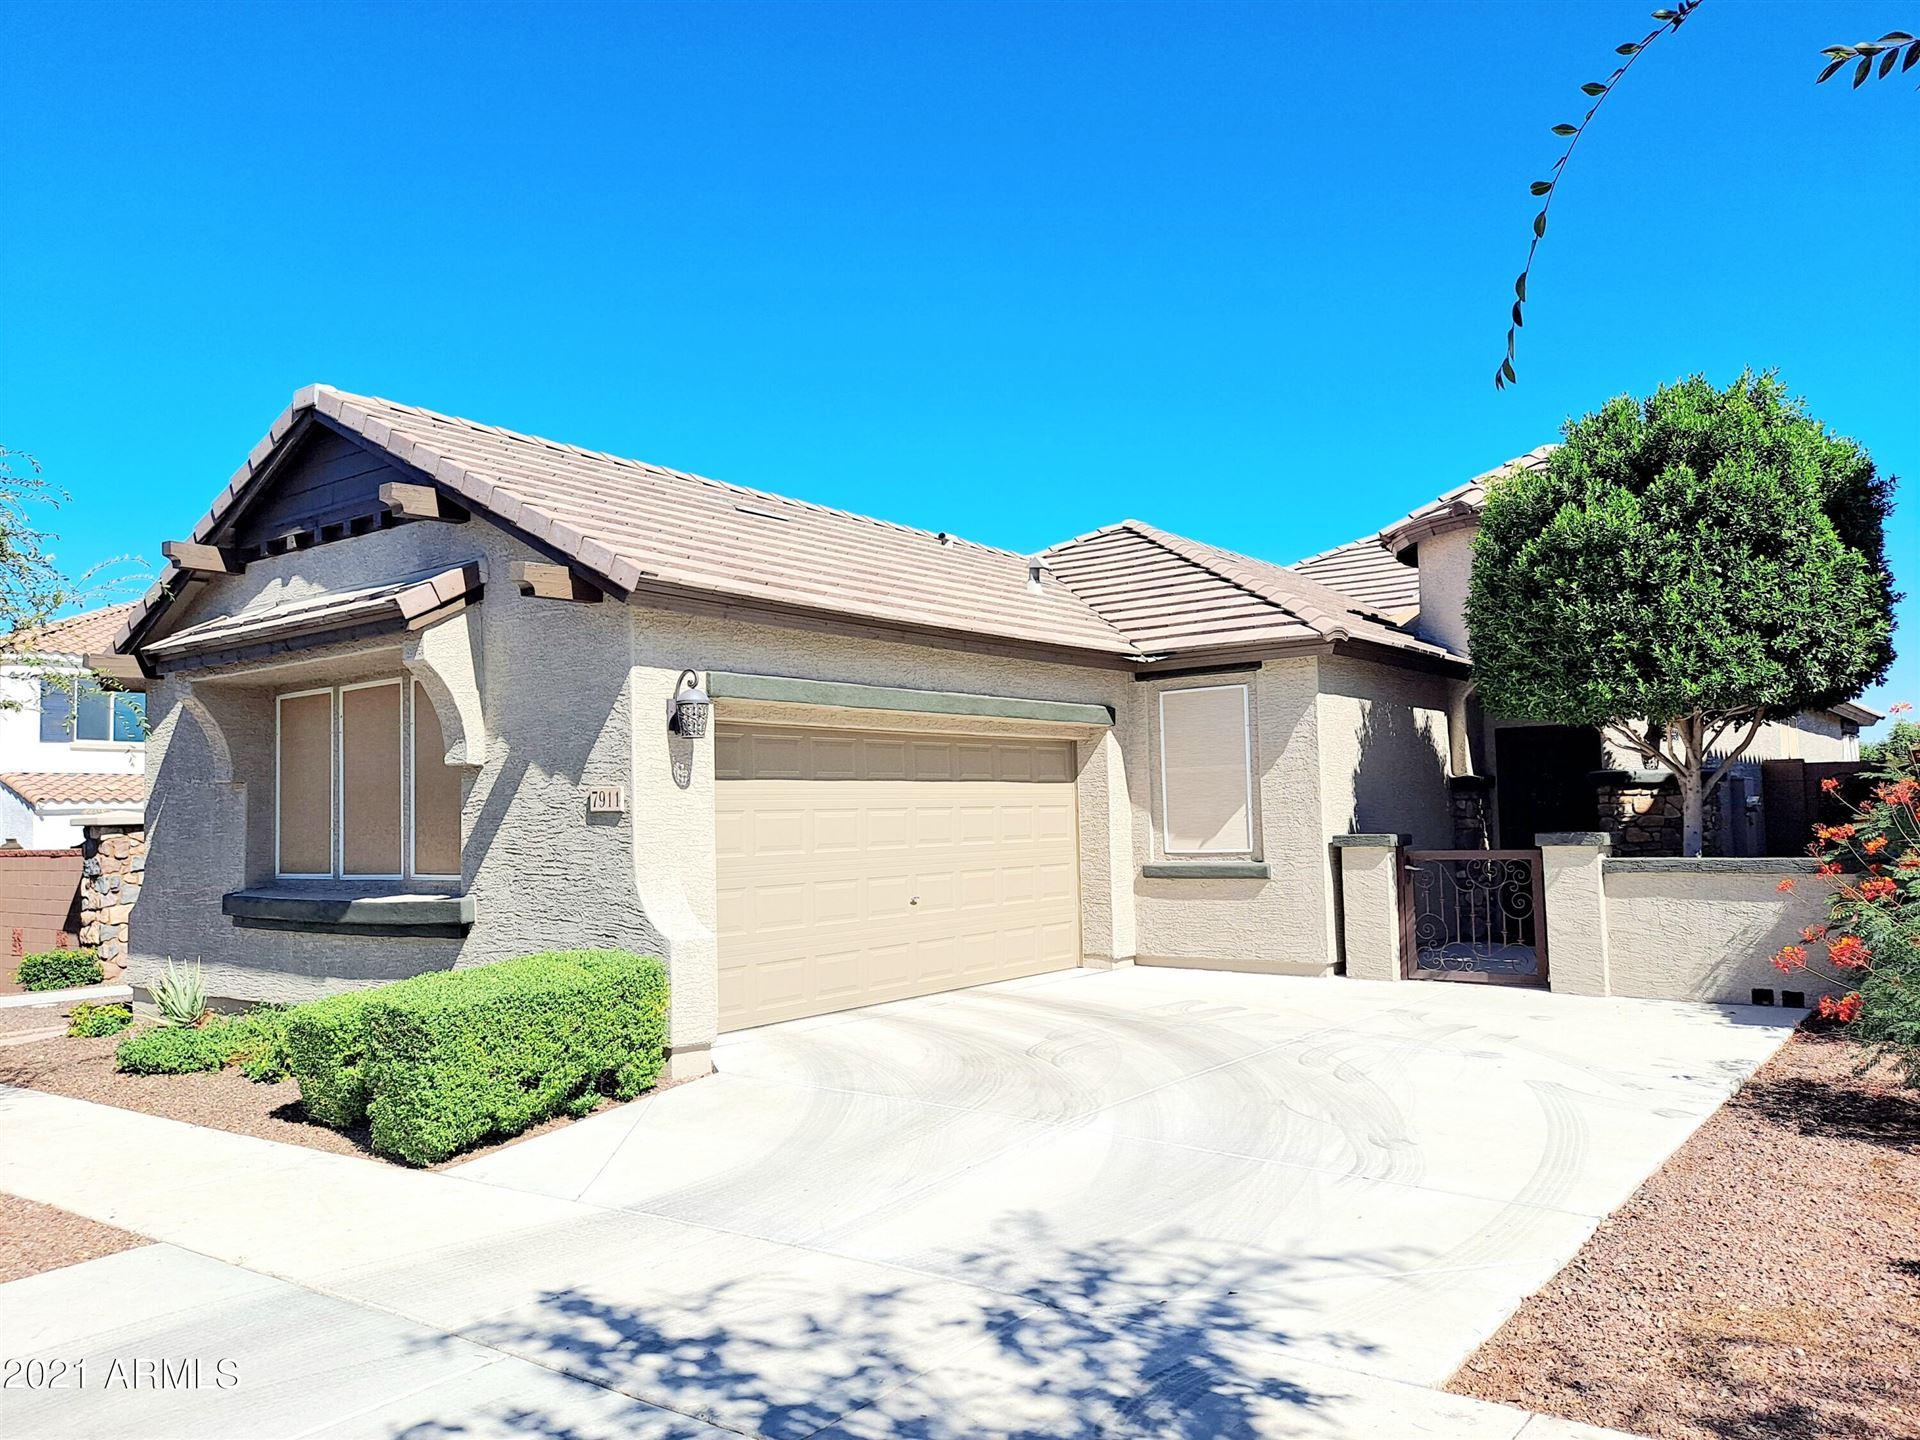 7911 S 8TH Way, Phoenix, AZ 85042 - MLS#: 6304521